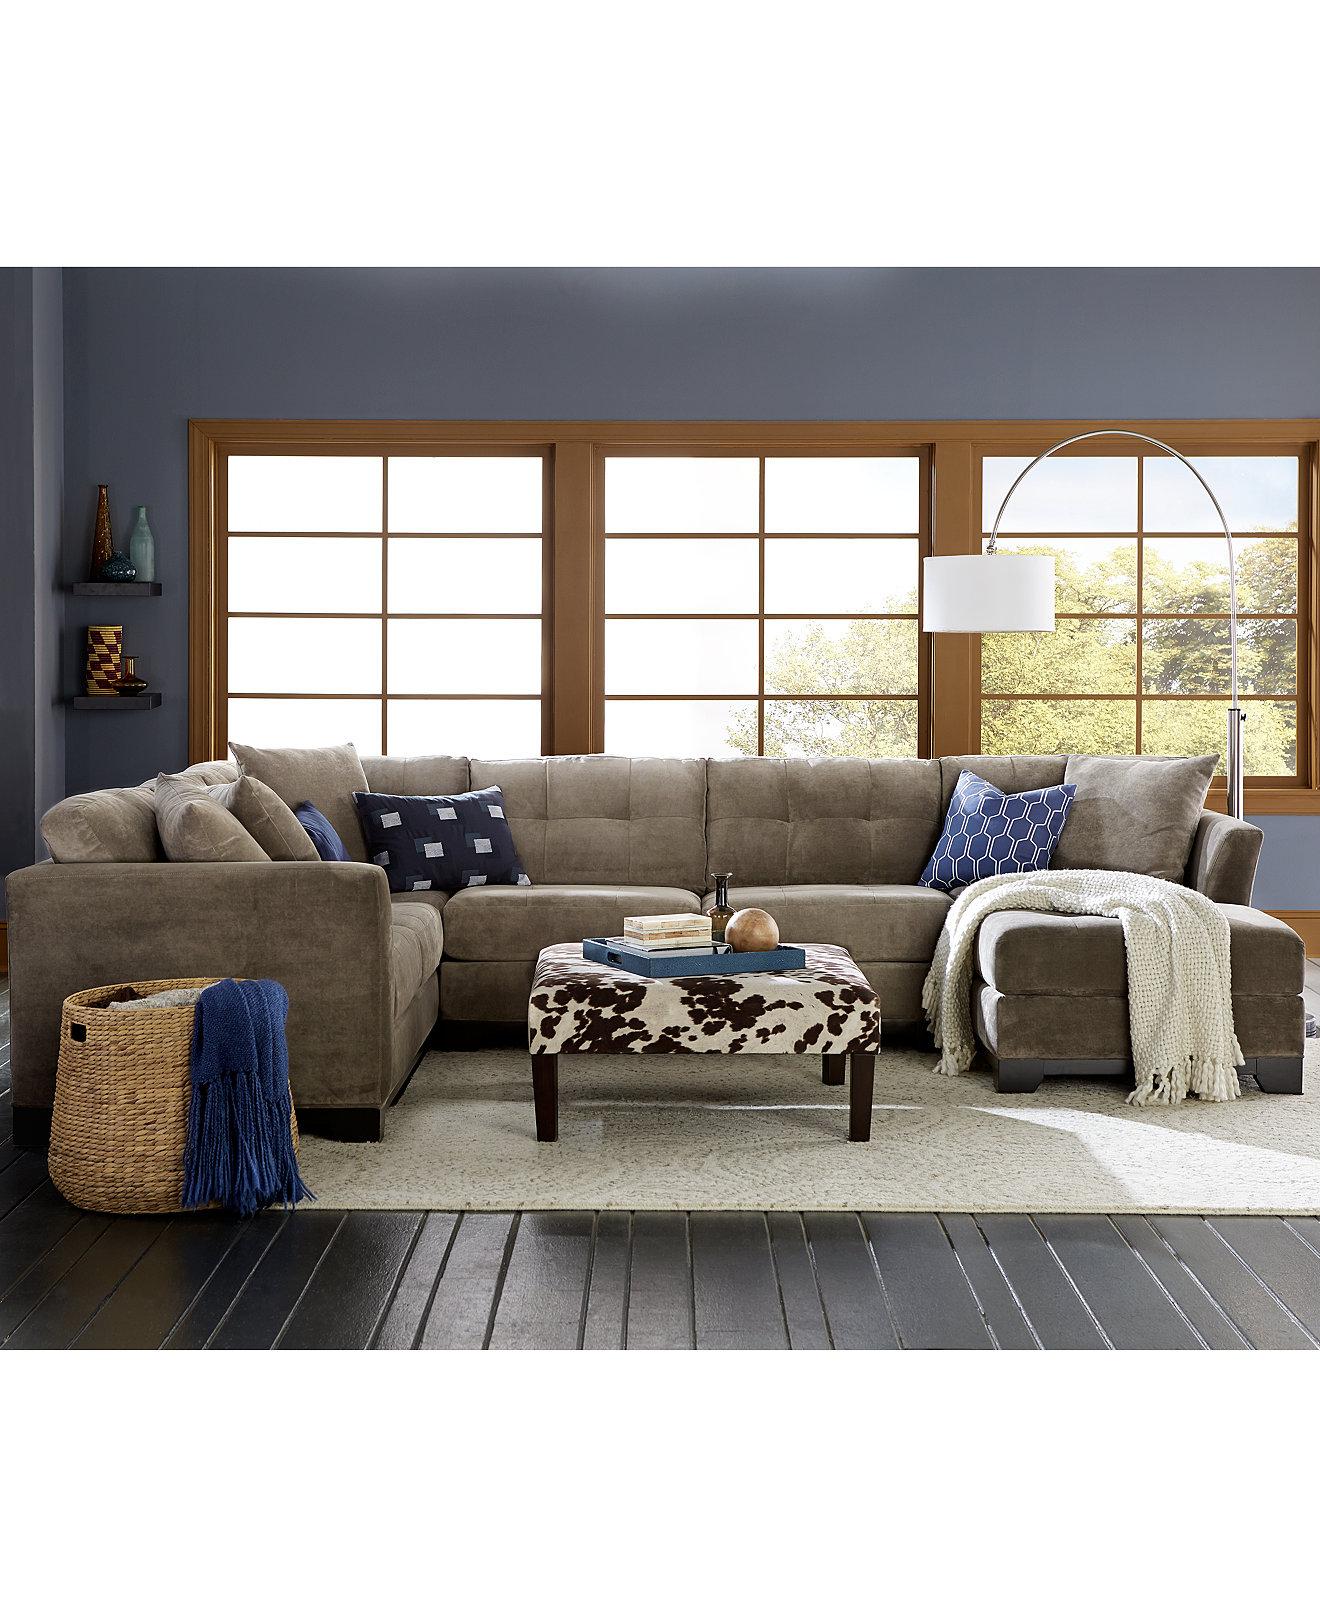 Macys Living Room Furniture Elliot Fabric Sectional Living Room Furniture Collection